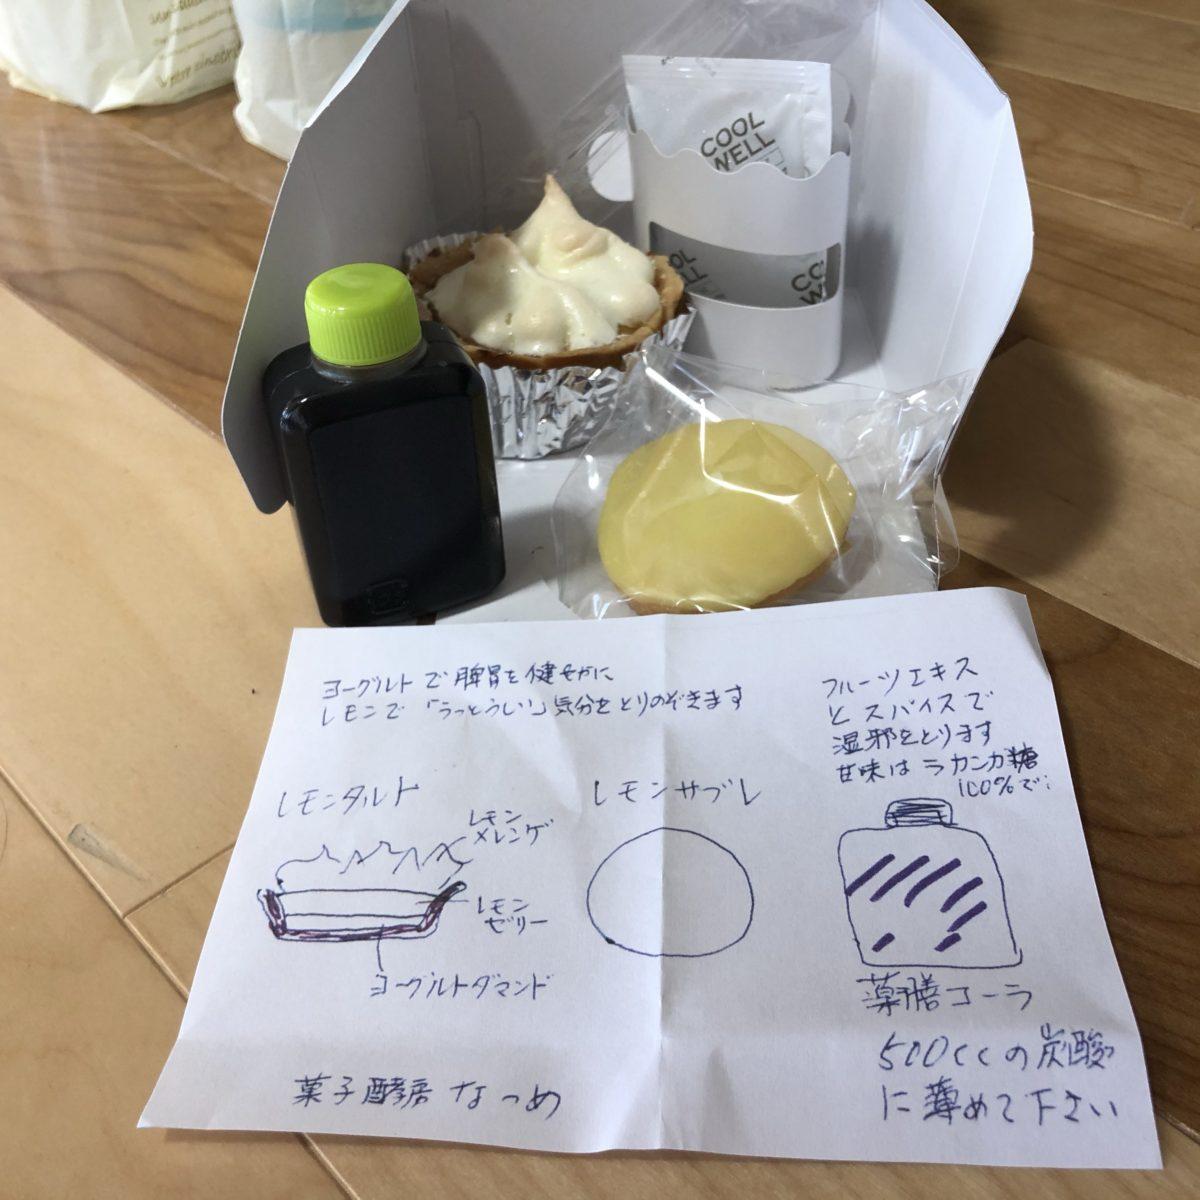 【満員御礼】7月の薬膳菓子&骨盤底筋ヨガ 参加者募集中❣